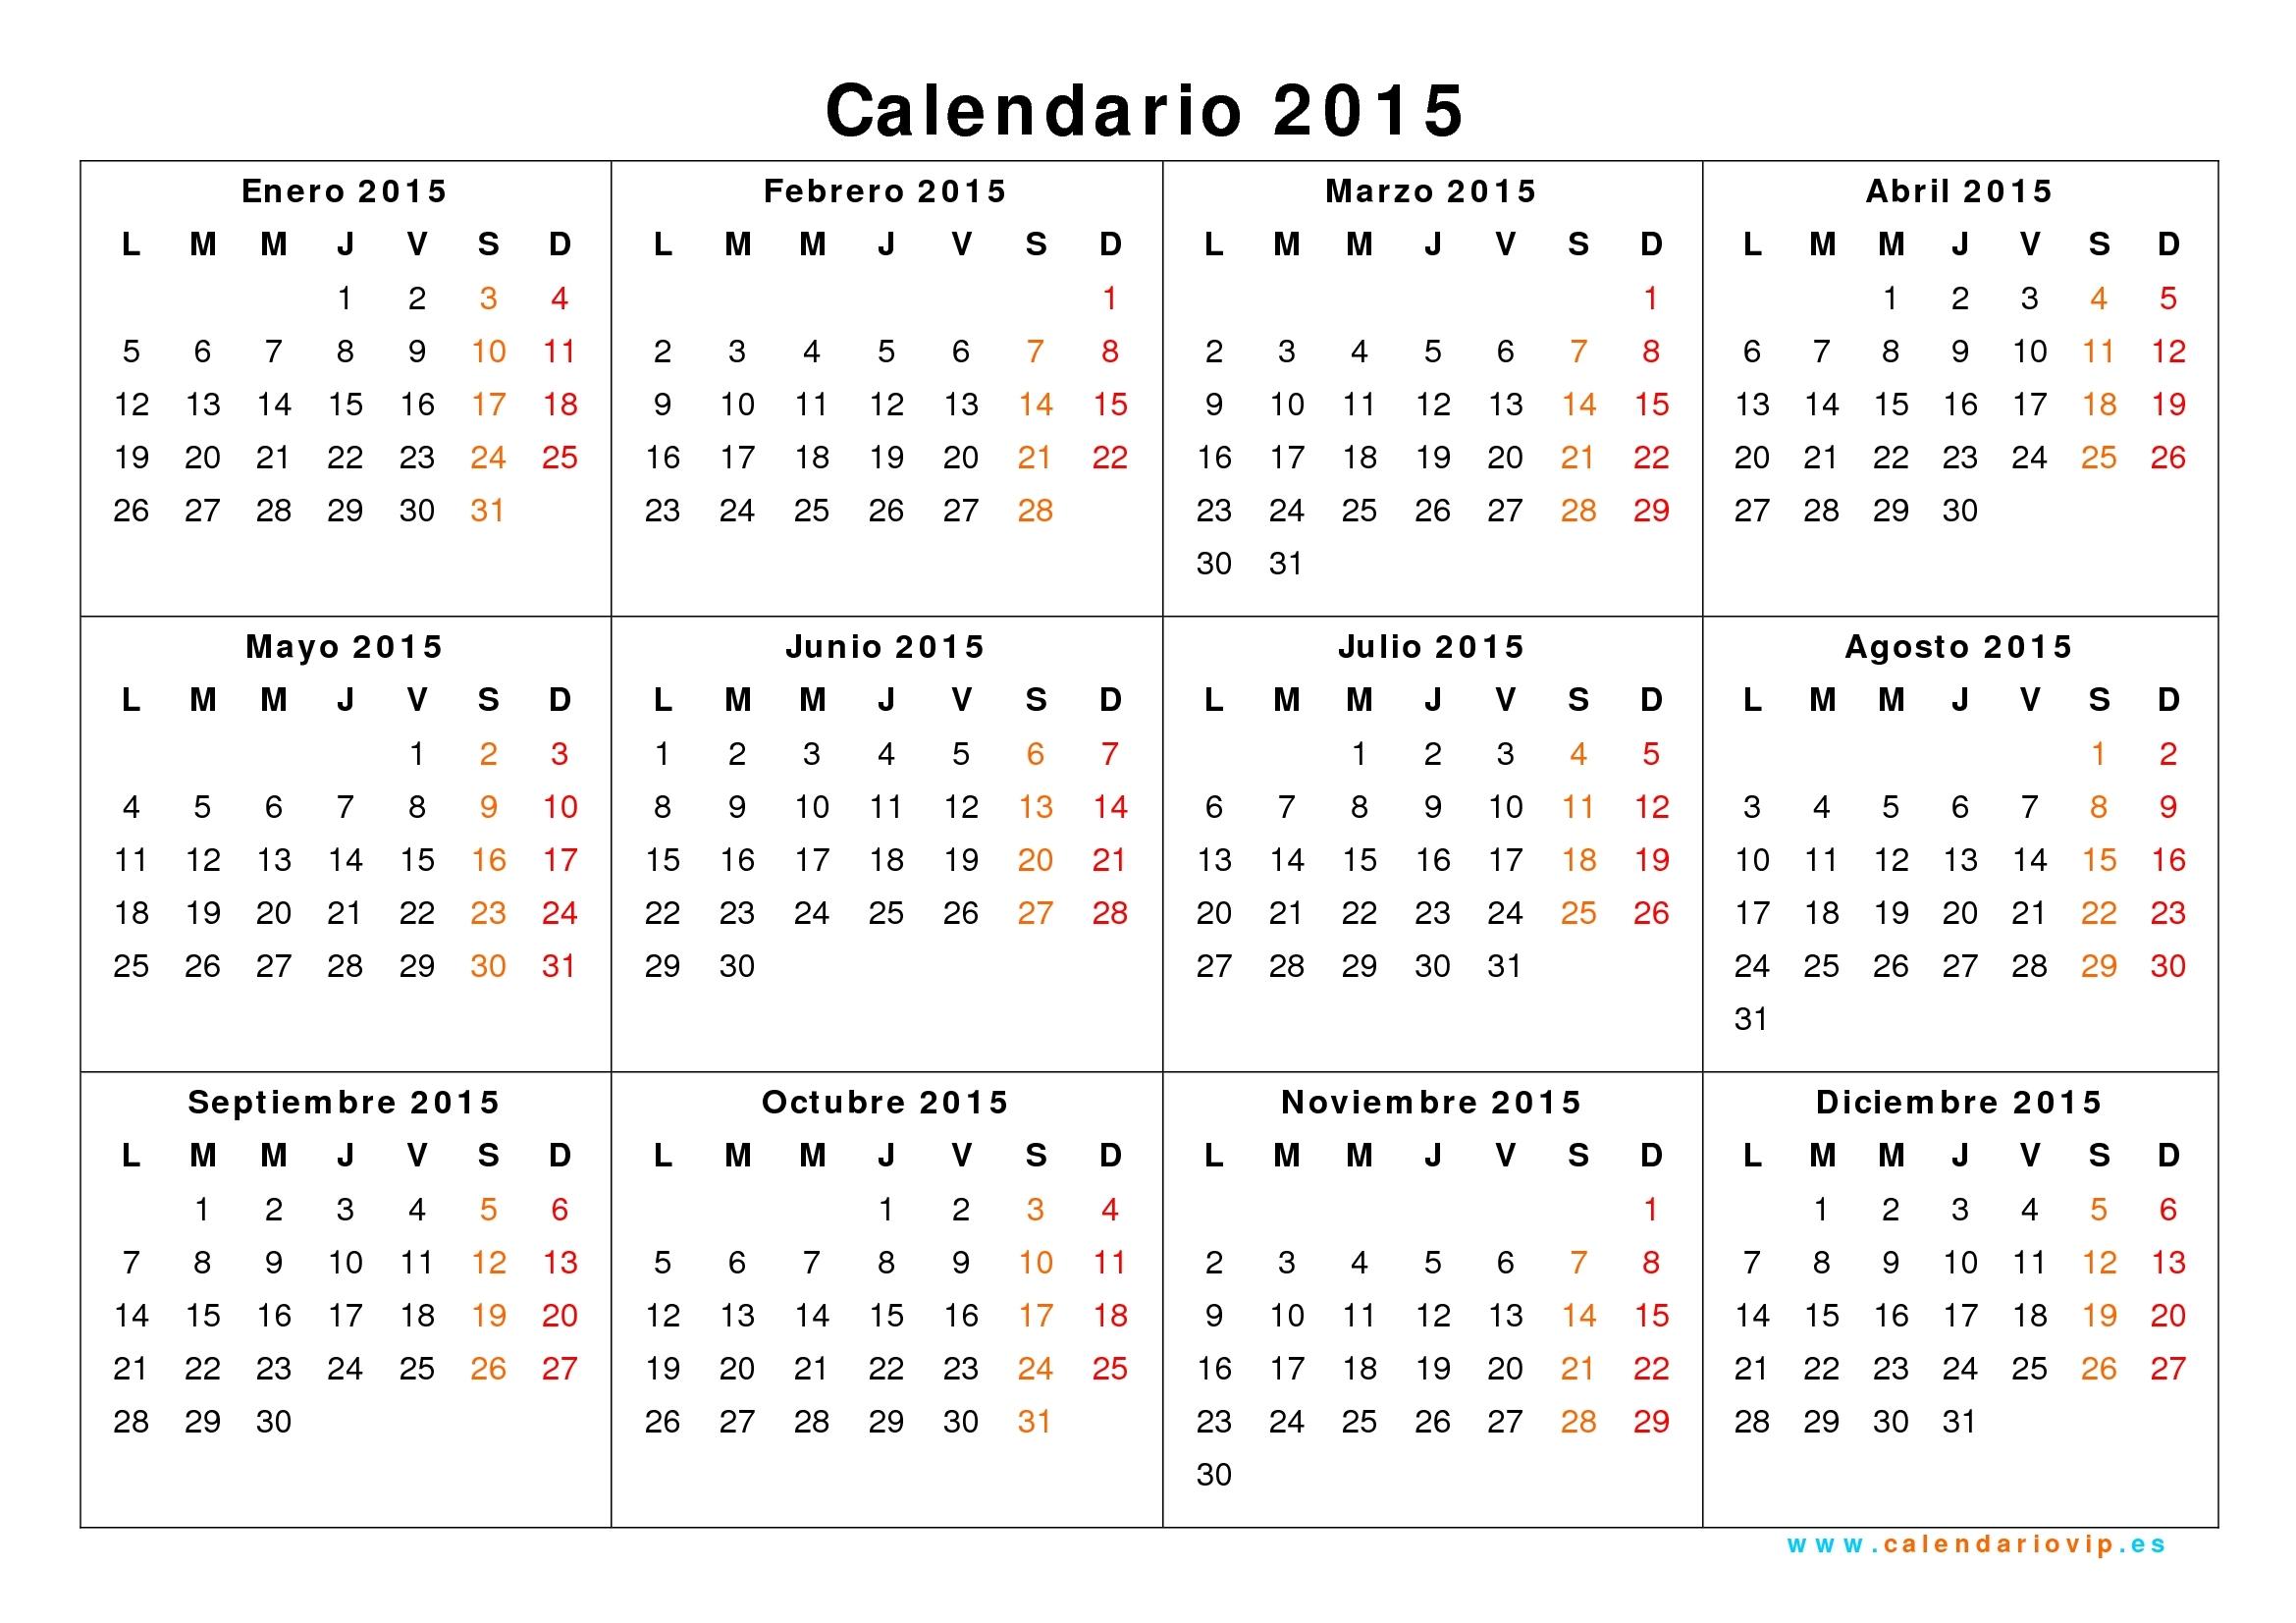 Calendario 2015 Para Imprimir Gratis with Calendario 2015 Para Imprimir Pdf